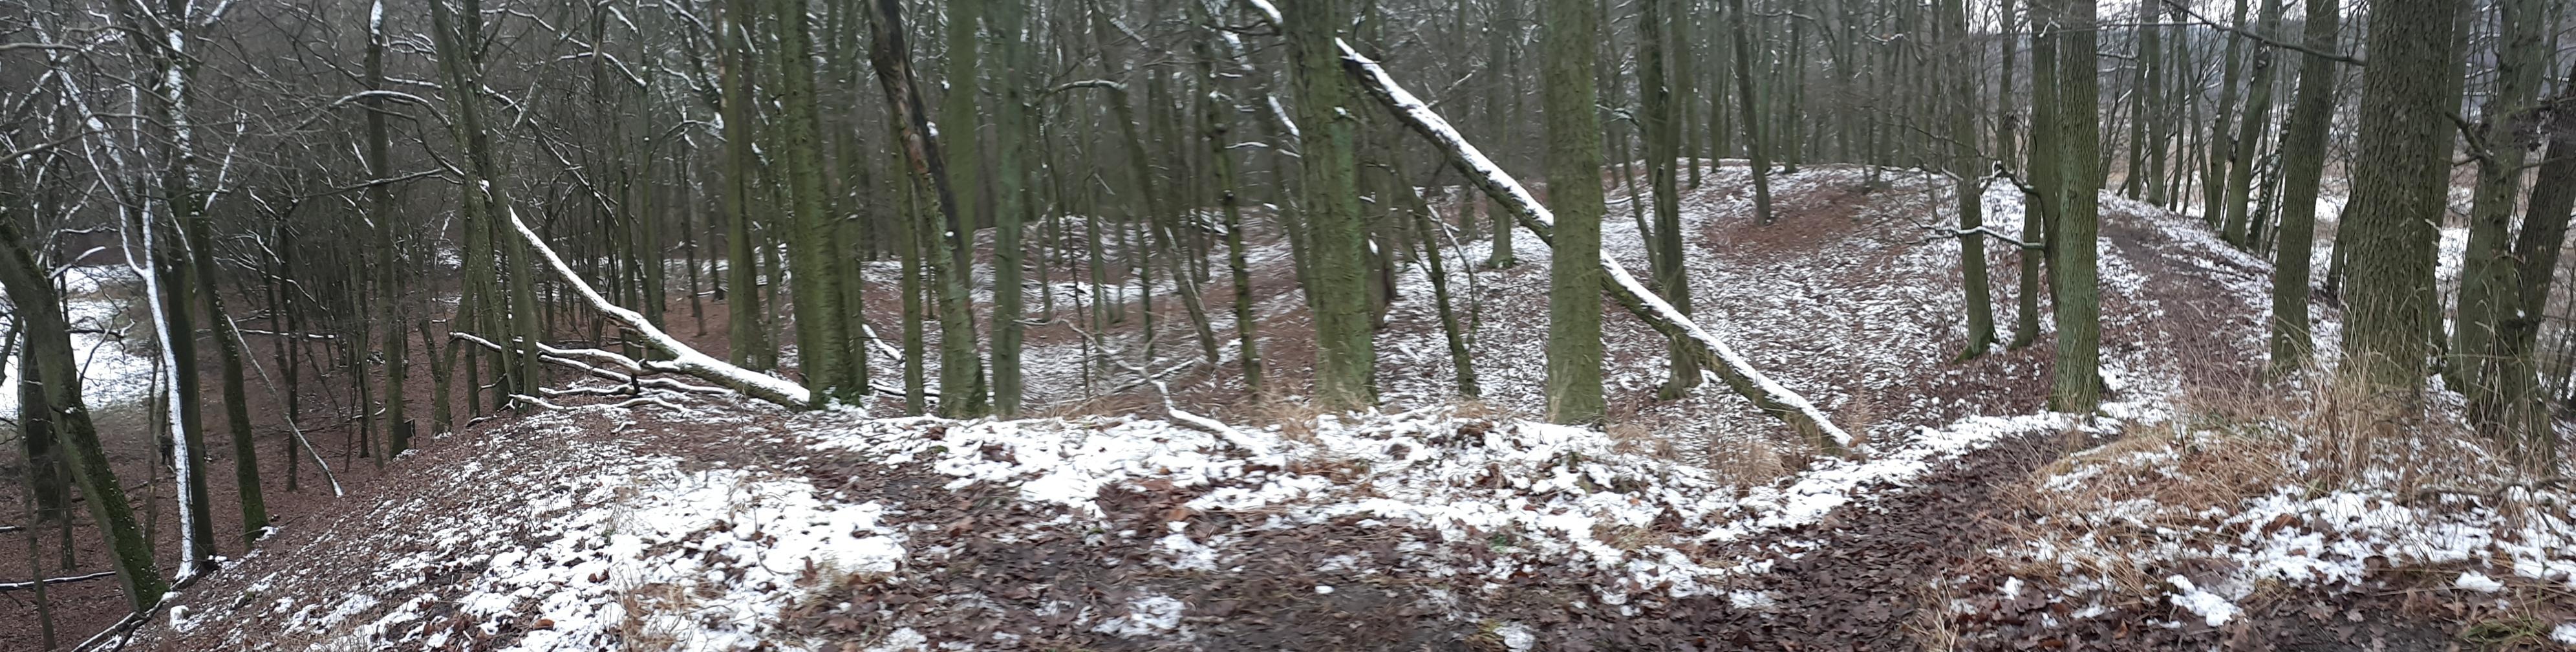 Widoczne nasyp grodziska pośród lasu zimowego